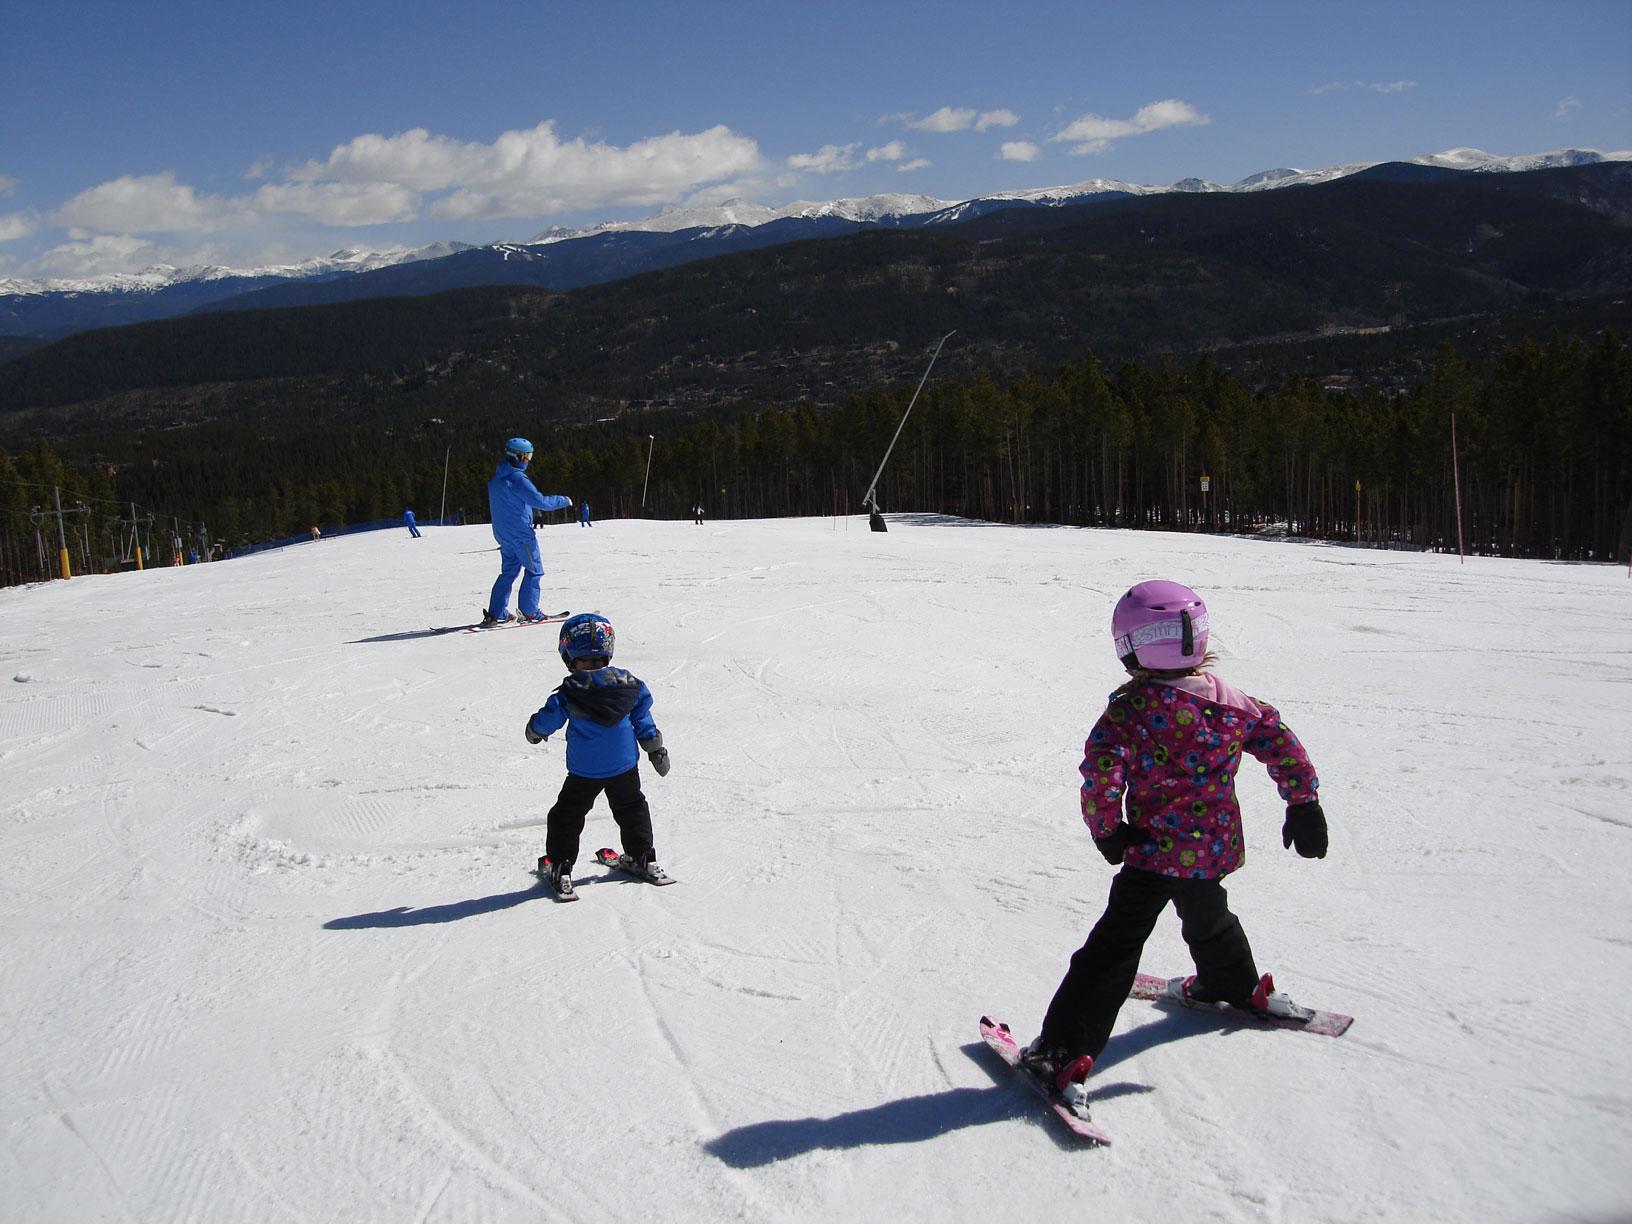 Family fun on the mountain!